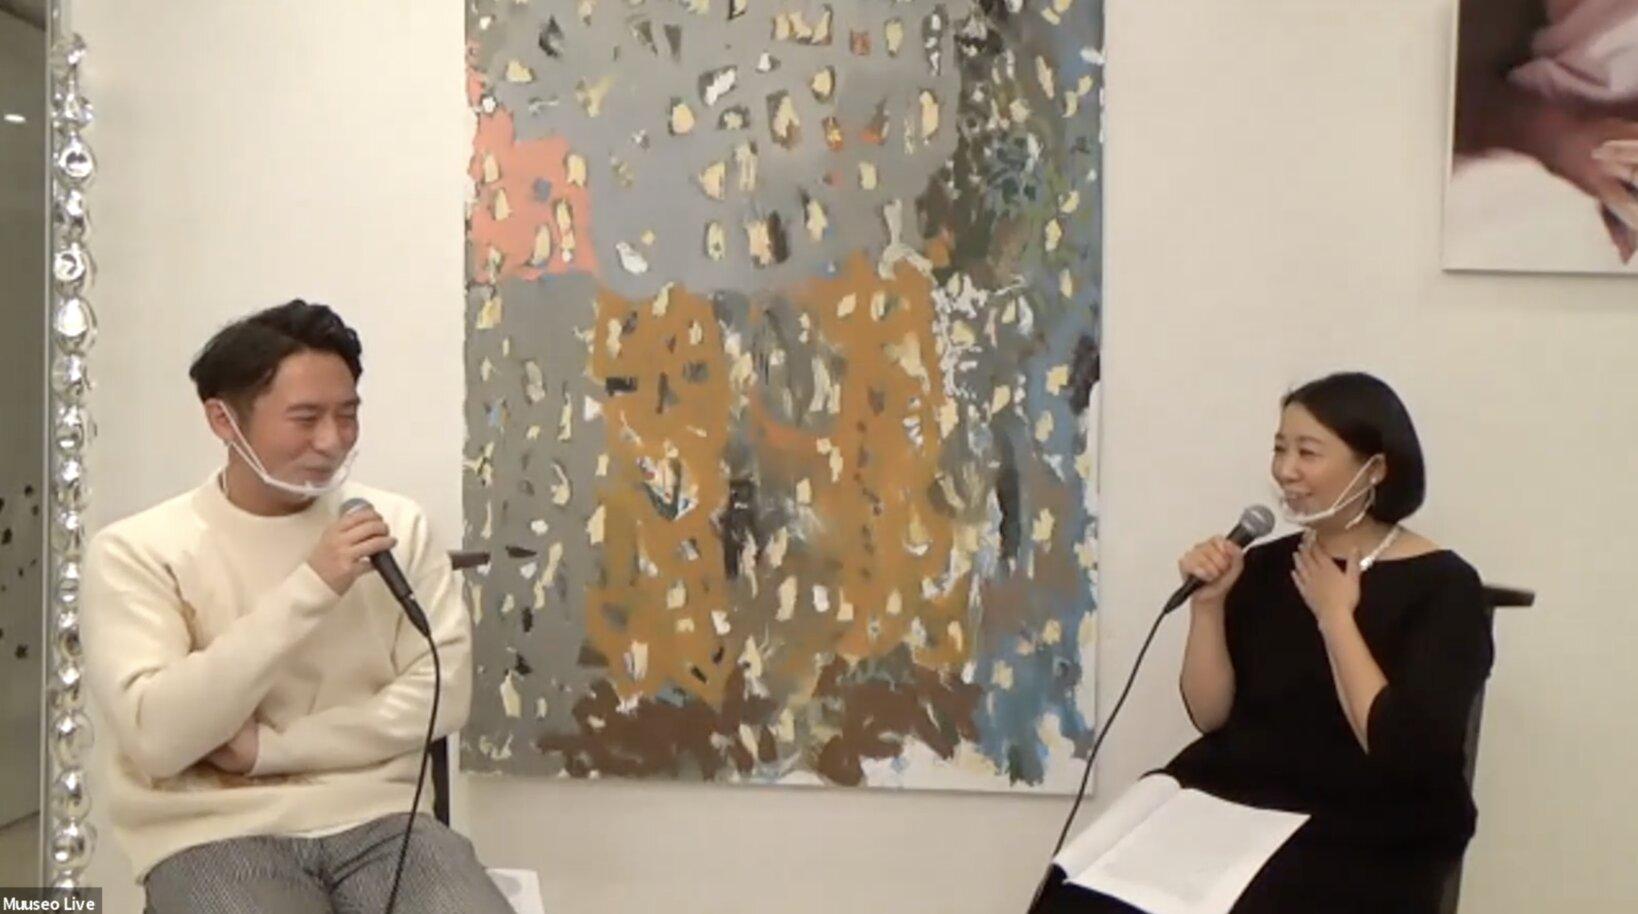 左:棟田響さん。現代アート・コレクター。投資運用会社にてファンドの運用に従事。2016年から現代アート・コレクションをはじめ、現在約40点を所有。仕事と子育ての合間に美術館やギャラリーを訪ね、国内外の若手・中堅の絵画・立体を中心に作品を収集。  右:ローゼン美沙子さん。ギャラリー「MISAKO & ROSEN」共同オーナーディレクター。1976年東京生まれ。大学在学中から「小山登美夫ギャラリー」に勤務。その後、10年間に渡り同ギャラリーにてあらゆる業務に携わる。2006年12月に独立し、夫のローゼン・ジェフリーと共に現代美術のギャラリー「MISAKO & ROSEN」を設立。今年で創業15年になる。